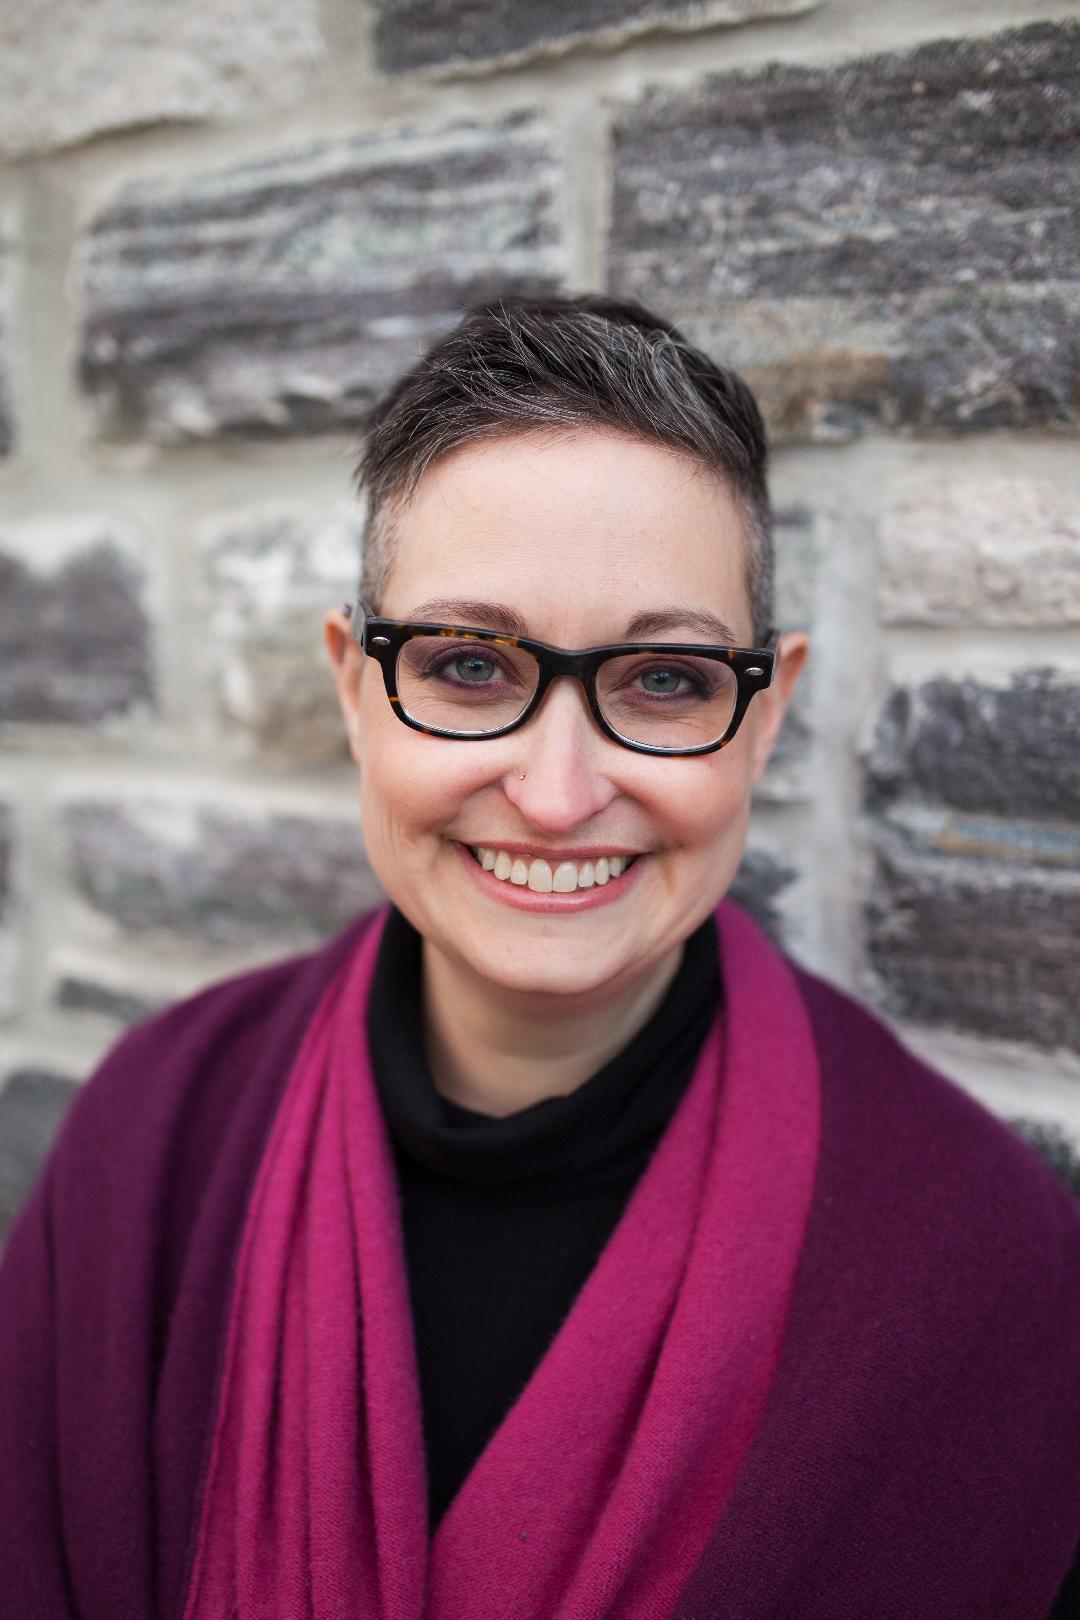 Dr. Erica Goldblatt Hyatt